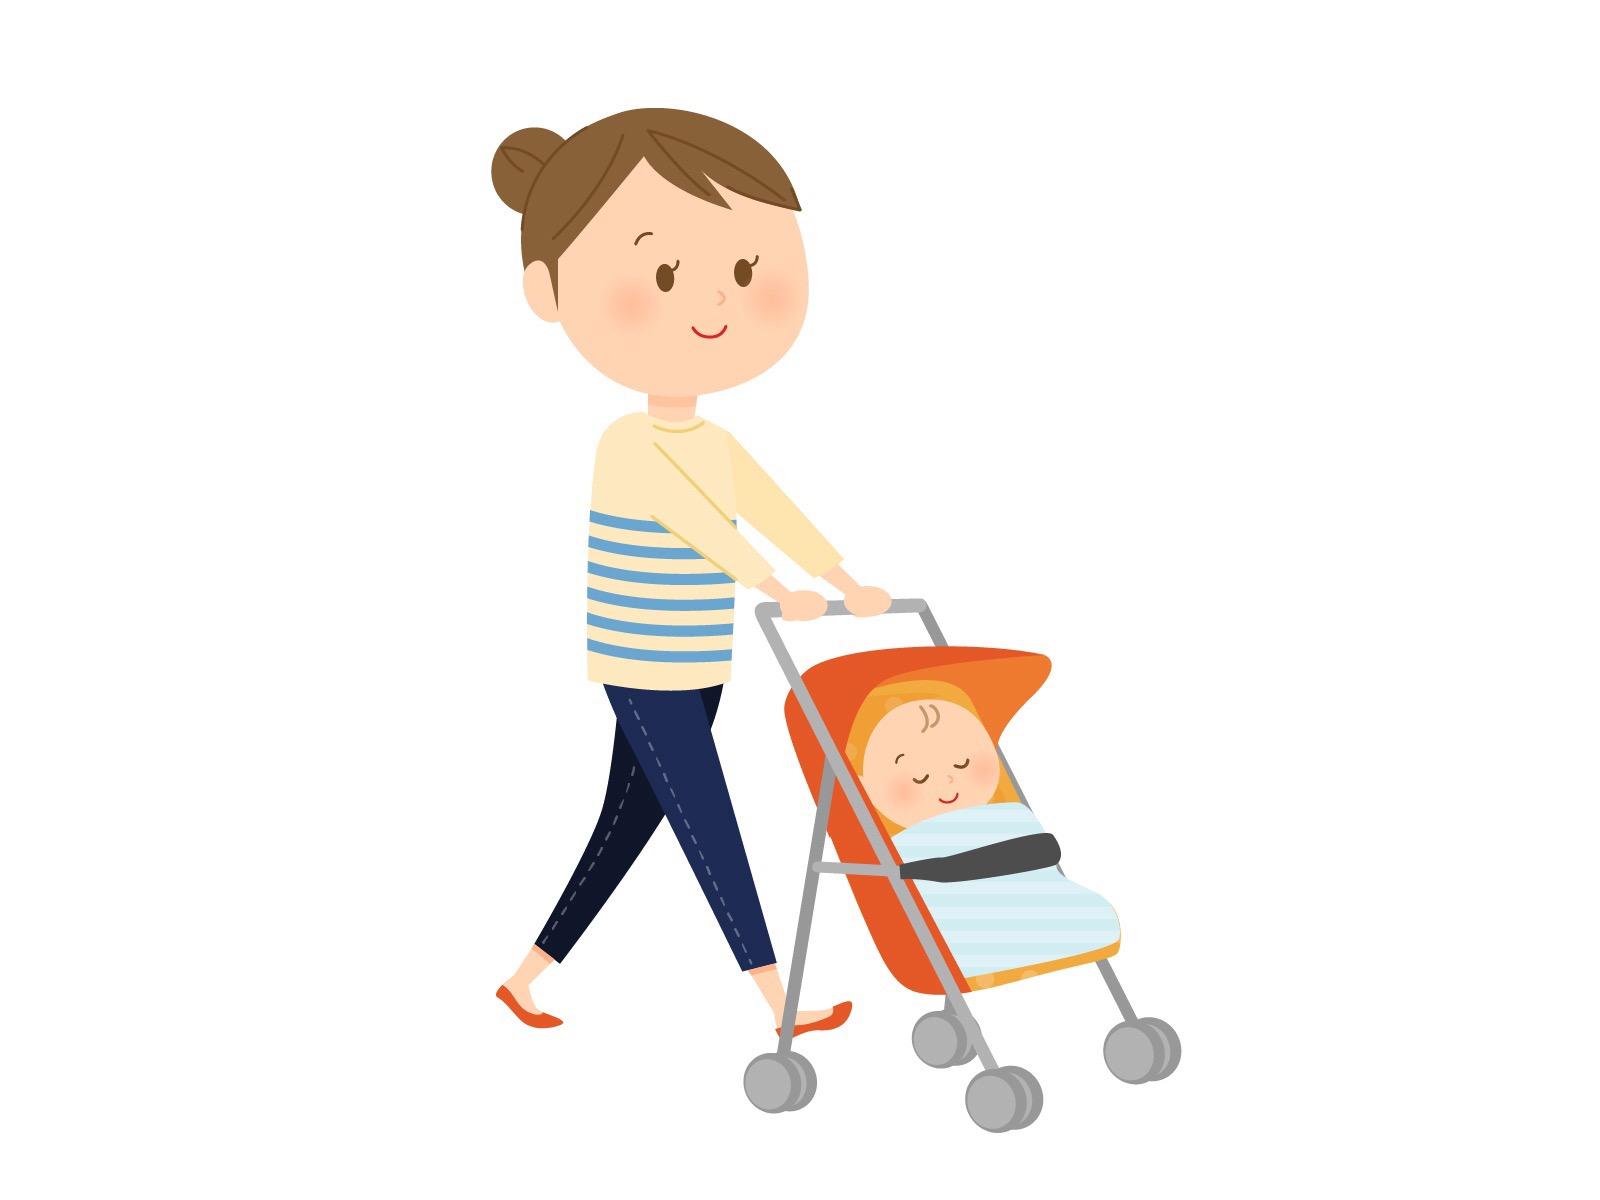 産後ダイエットはいつから始める?ベビーカーウォーキングの効果と、歩き方のポイントは?